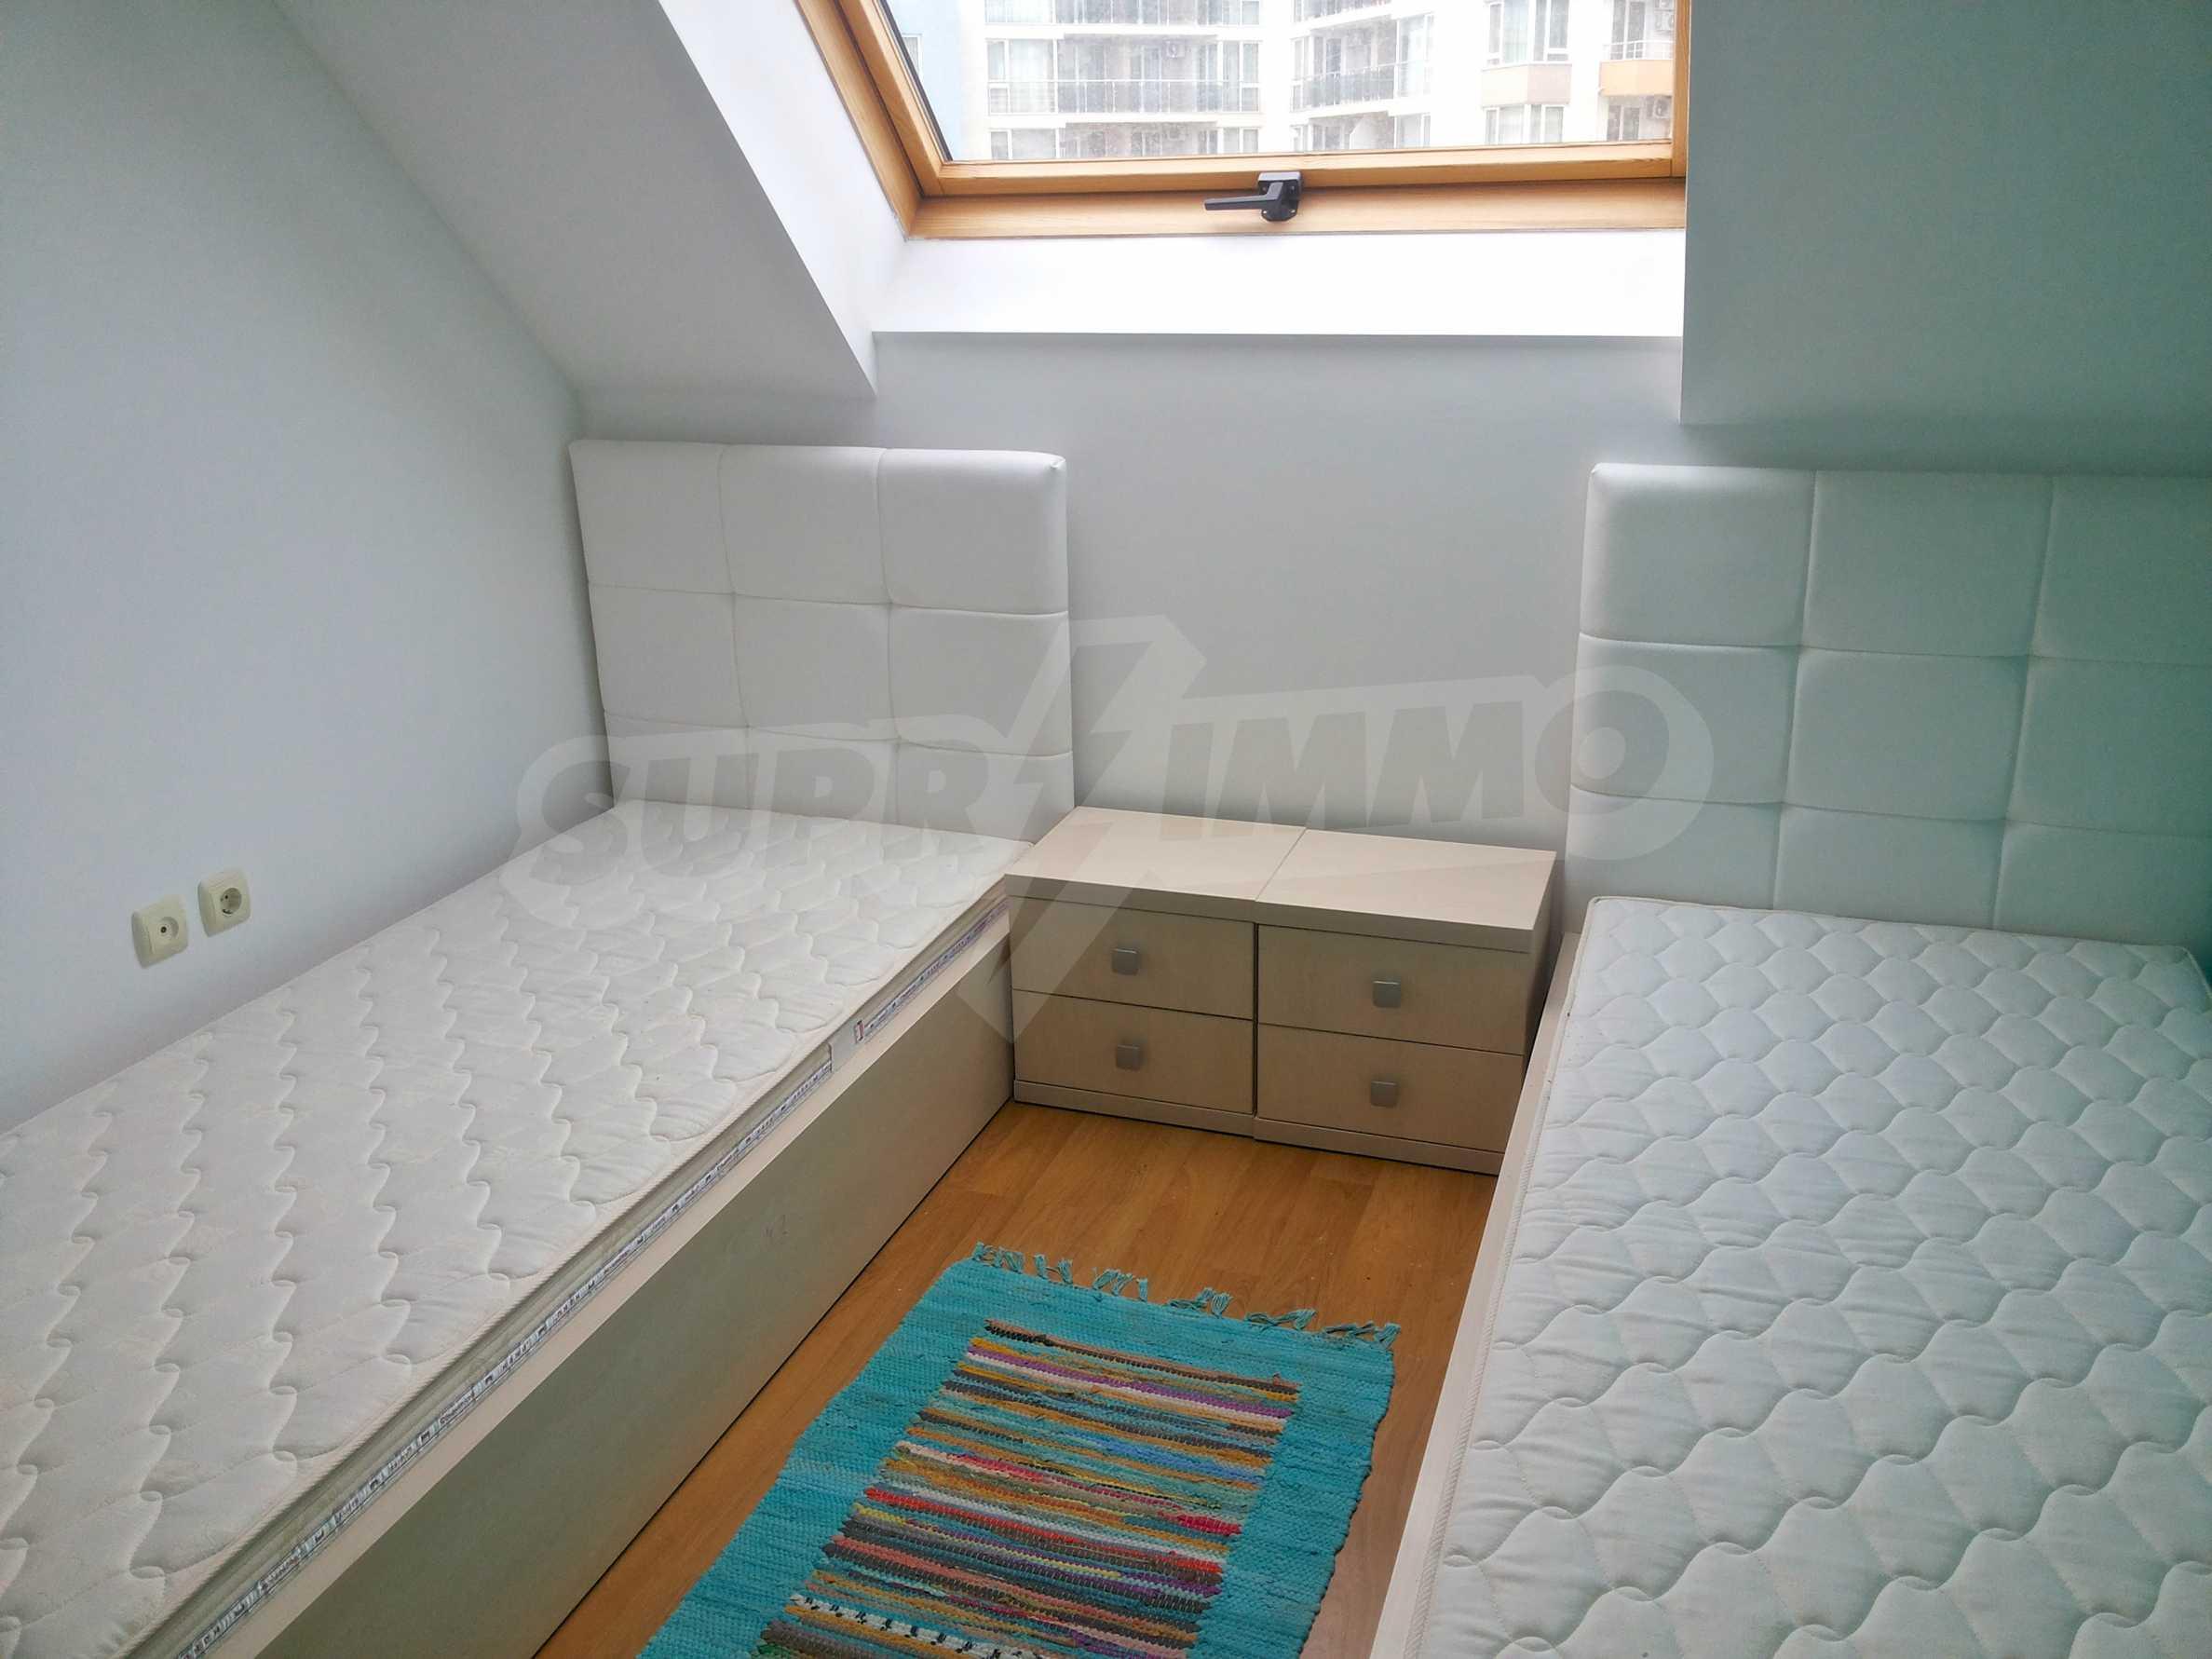 Zwei-Zimmer-Wohnung in einem Komplex 50 Meter vom Meer entfernt 6